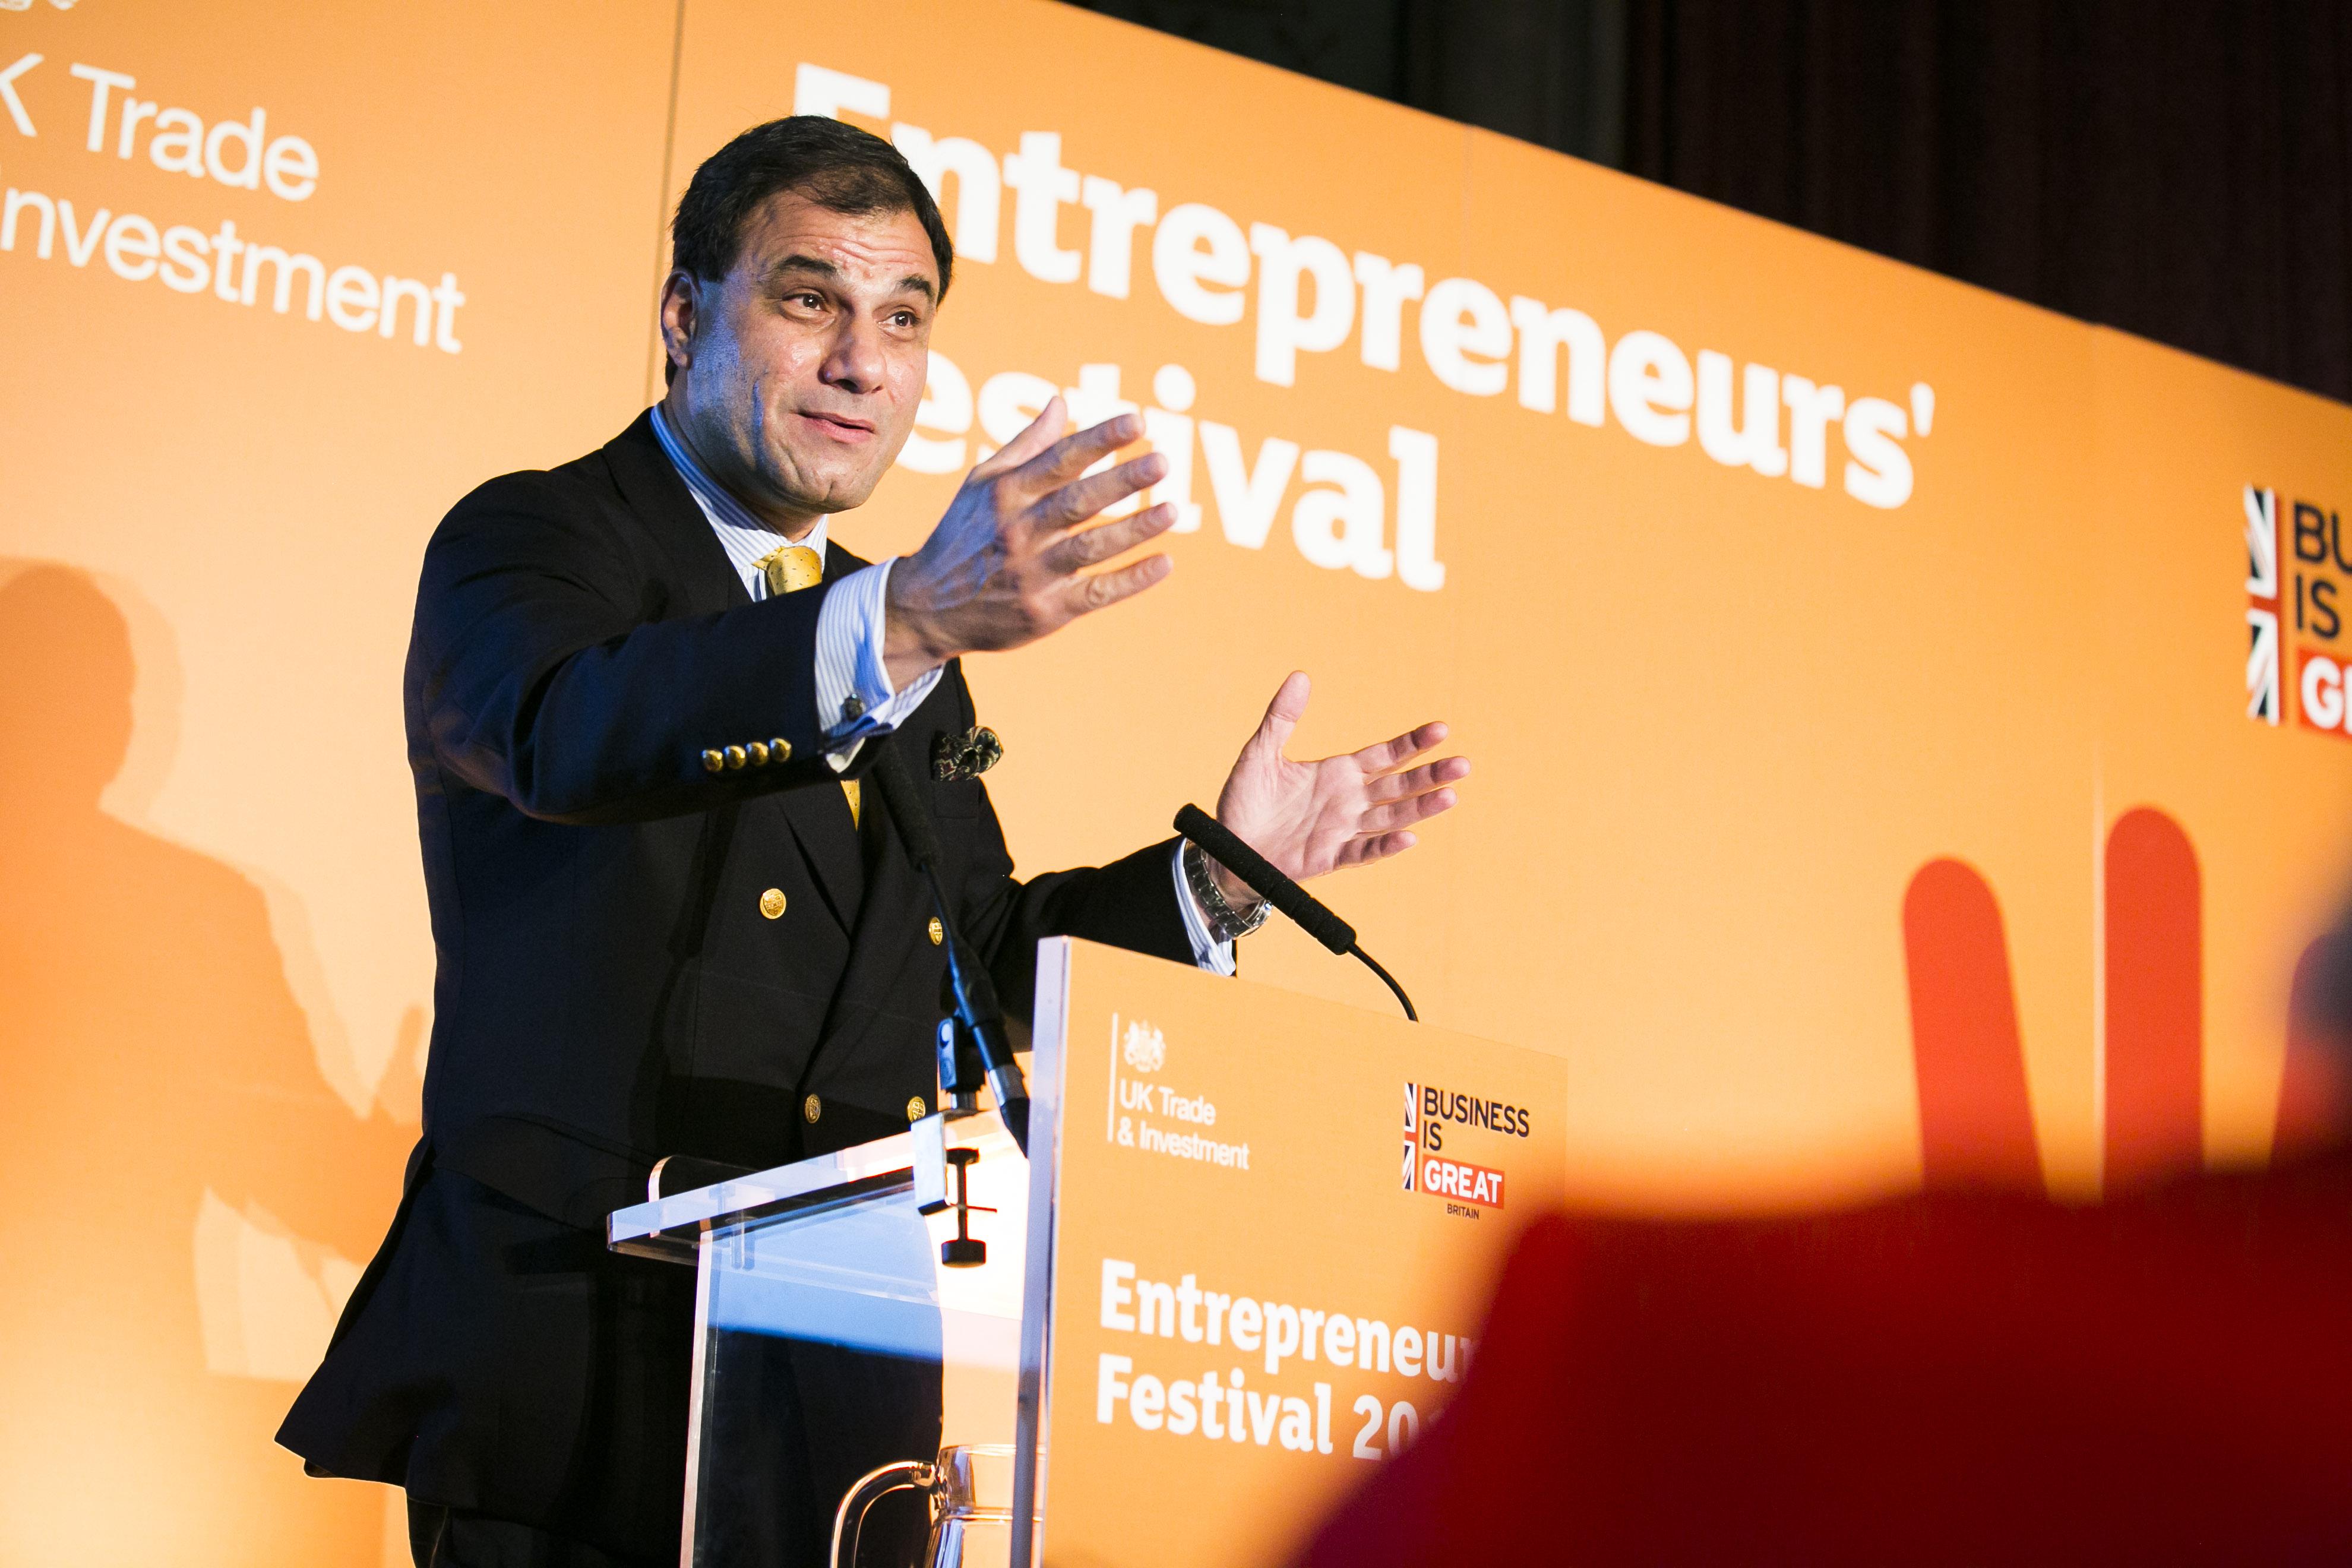 Entrepreneur festival speech